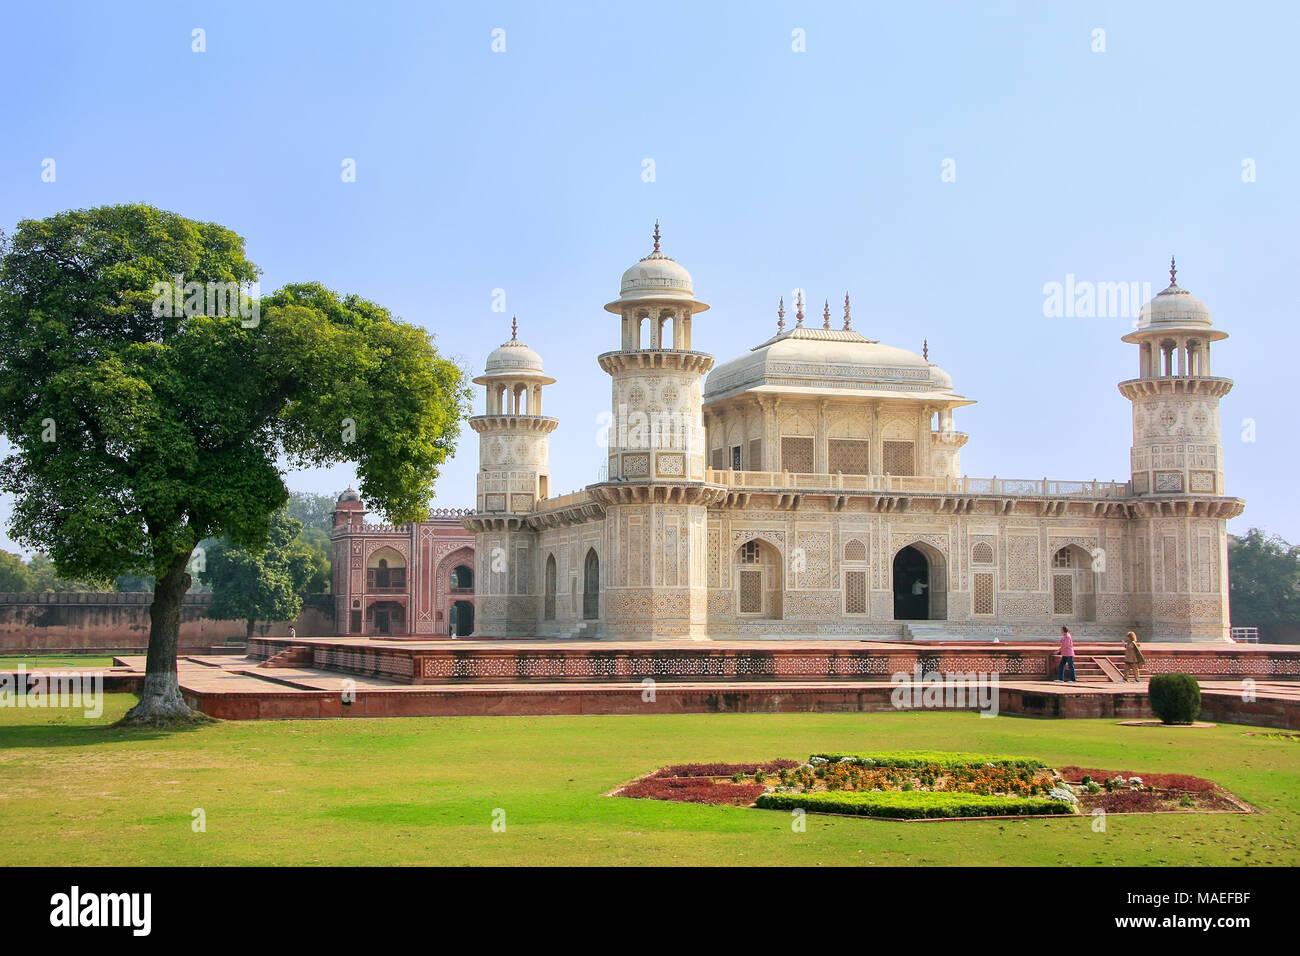 Tomba di Itimad-ud-Daulah in Agra, Uttar Pradesh, India. Questa tomba è spesso considerato come un progetto del Taj Mahal. Immagini Stock